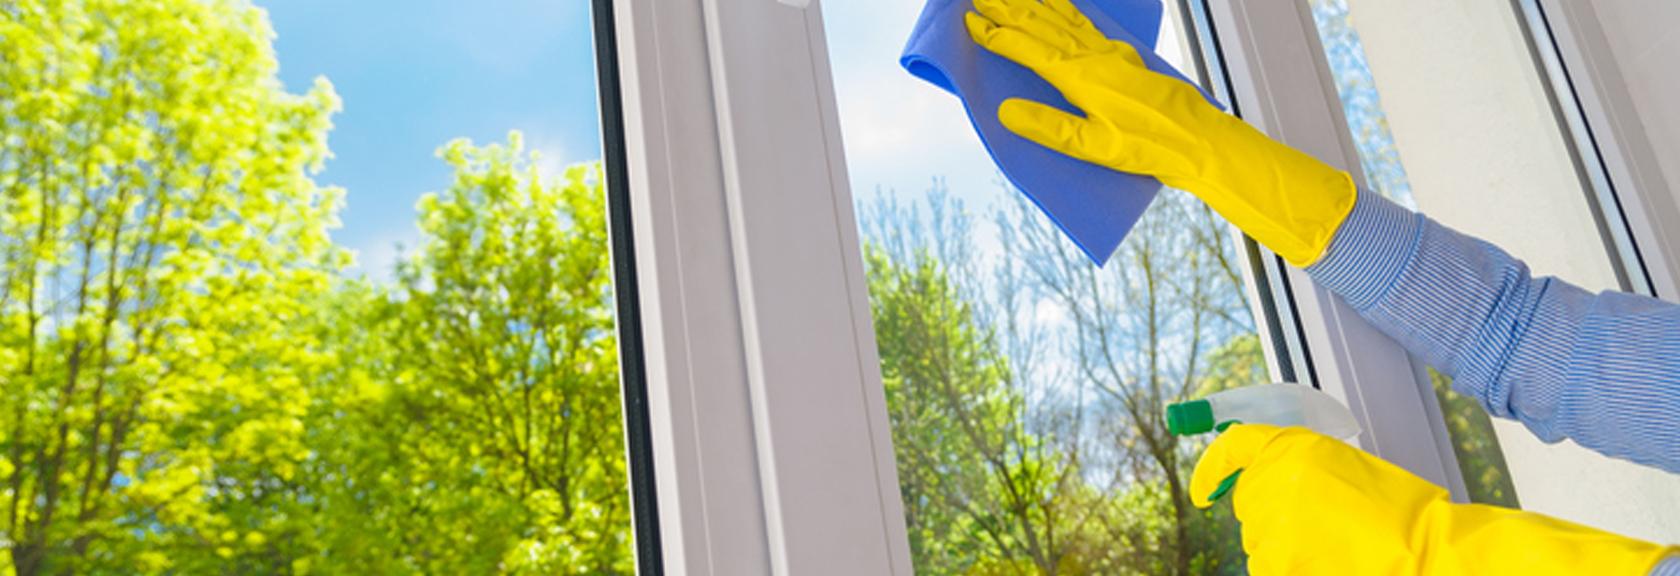 Full Size of Was Kostet Fensterreinigung Faktoren Fr Kosten Preisbeispiel Holz Alu Fenster Preise Rolladen Nachträglich Einbauen Rollos Sonnenschutzfolie Abdichten Velux Fenster Fenster Reinigen